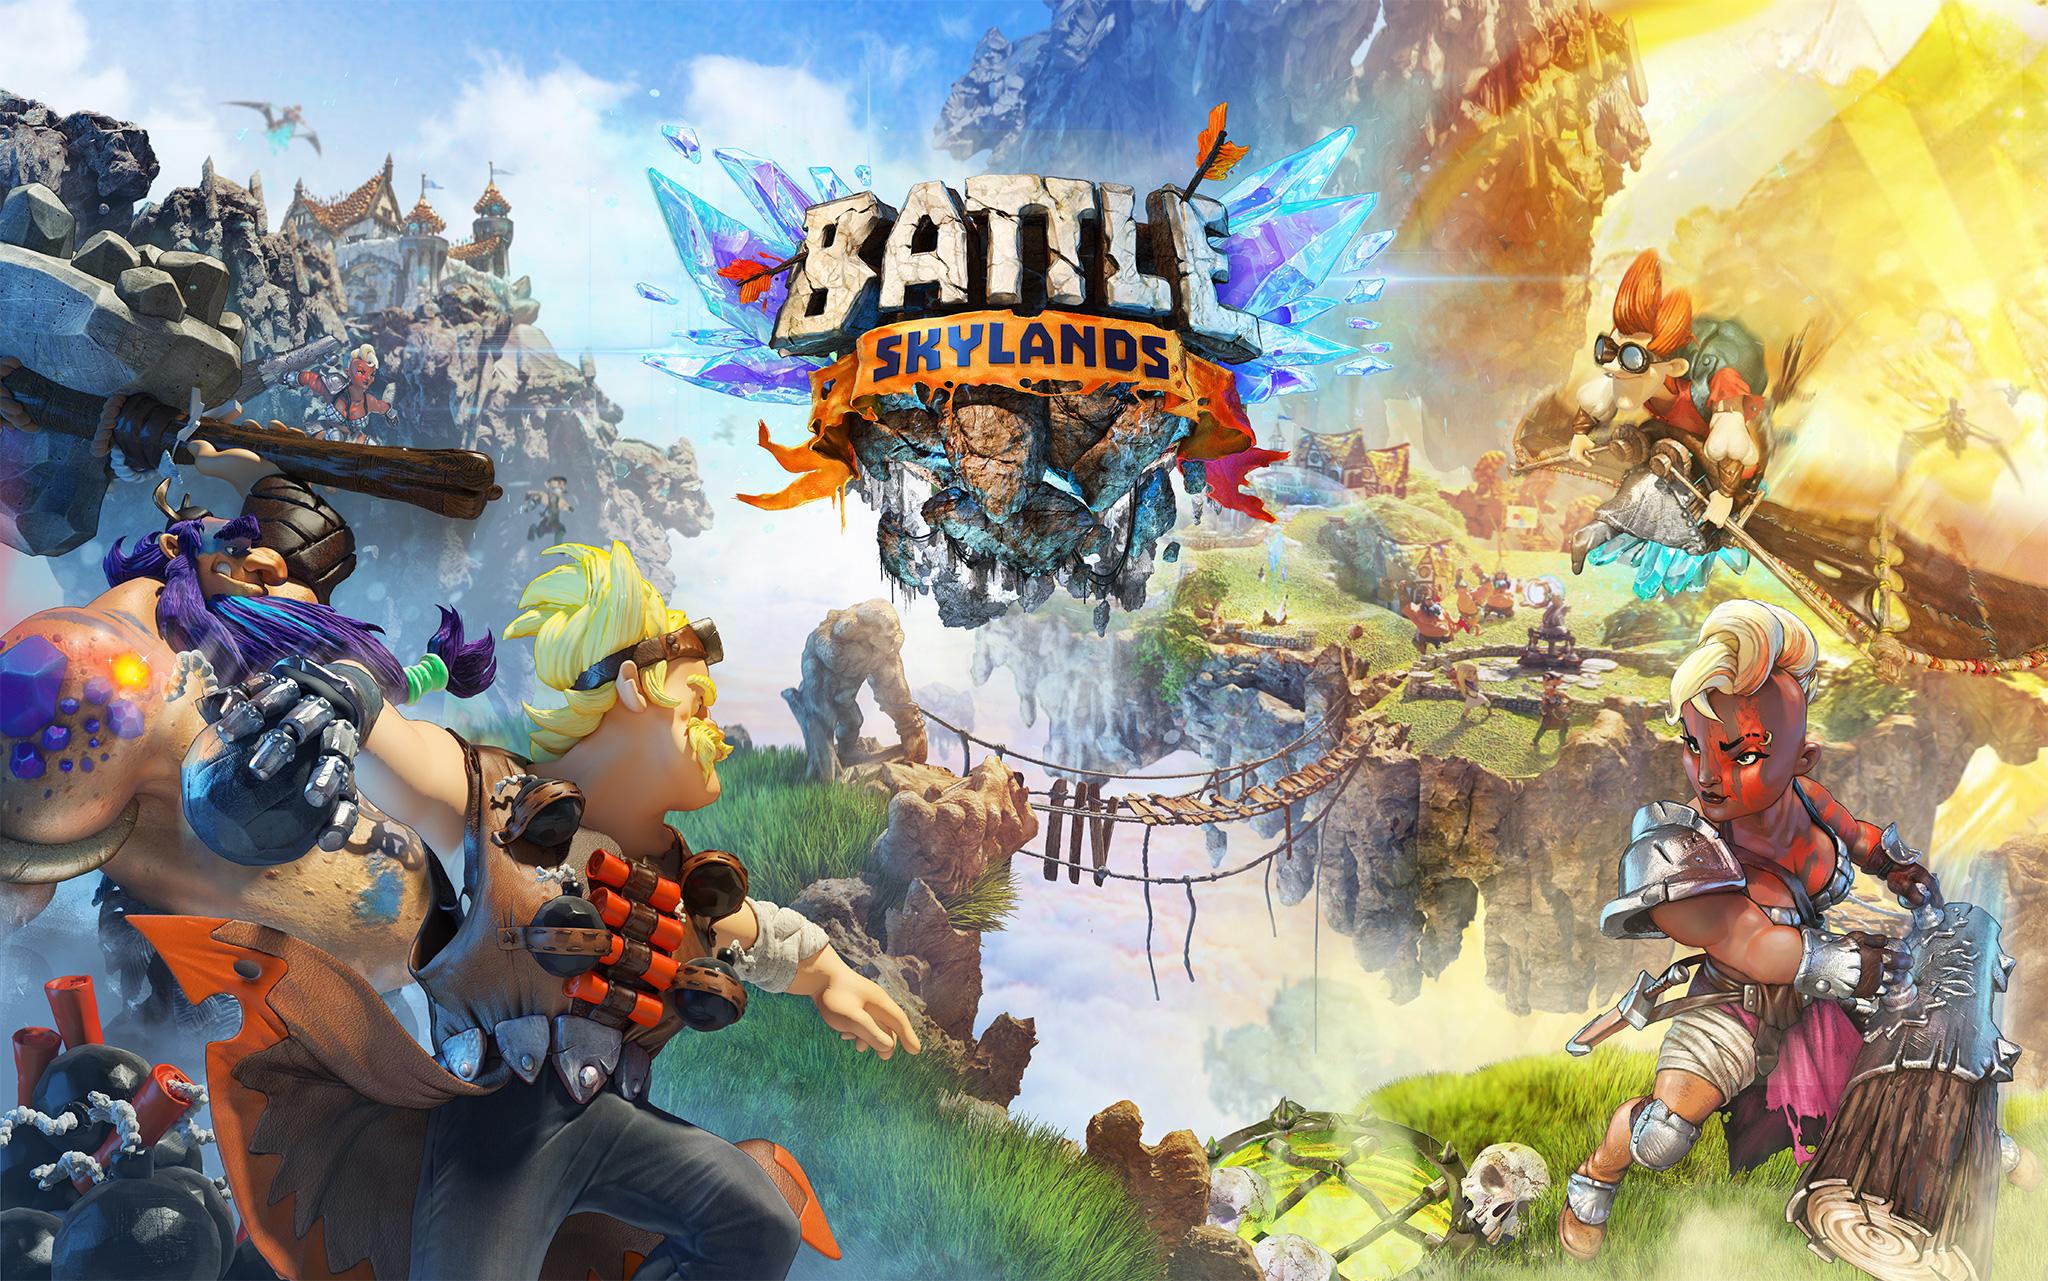 Battle Skylands Loading Screen